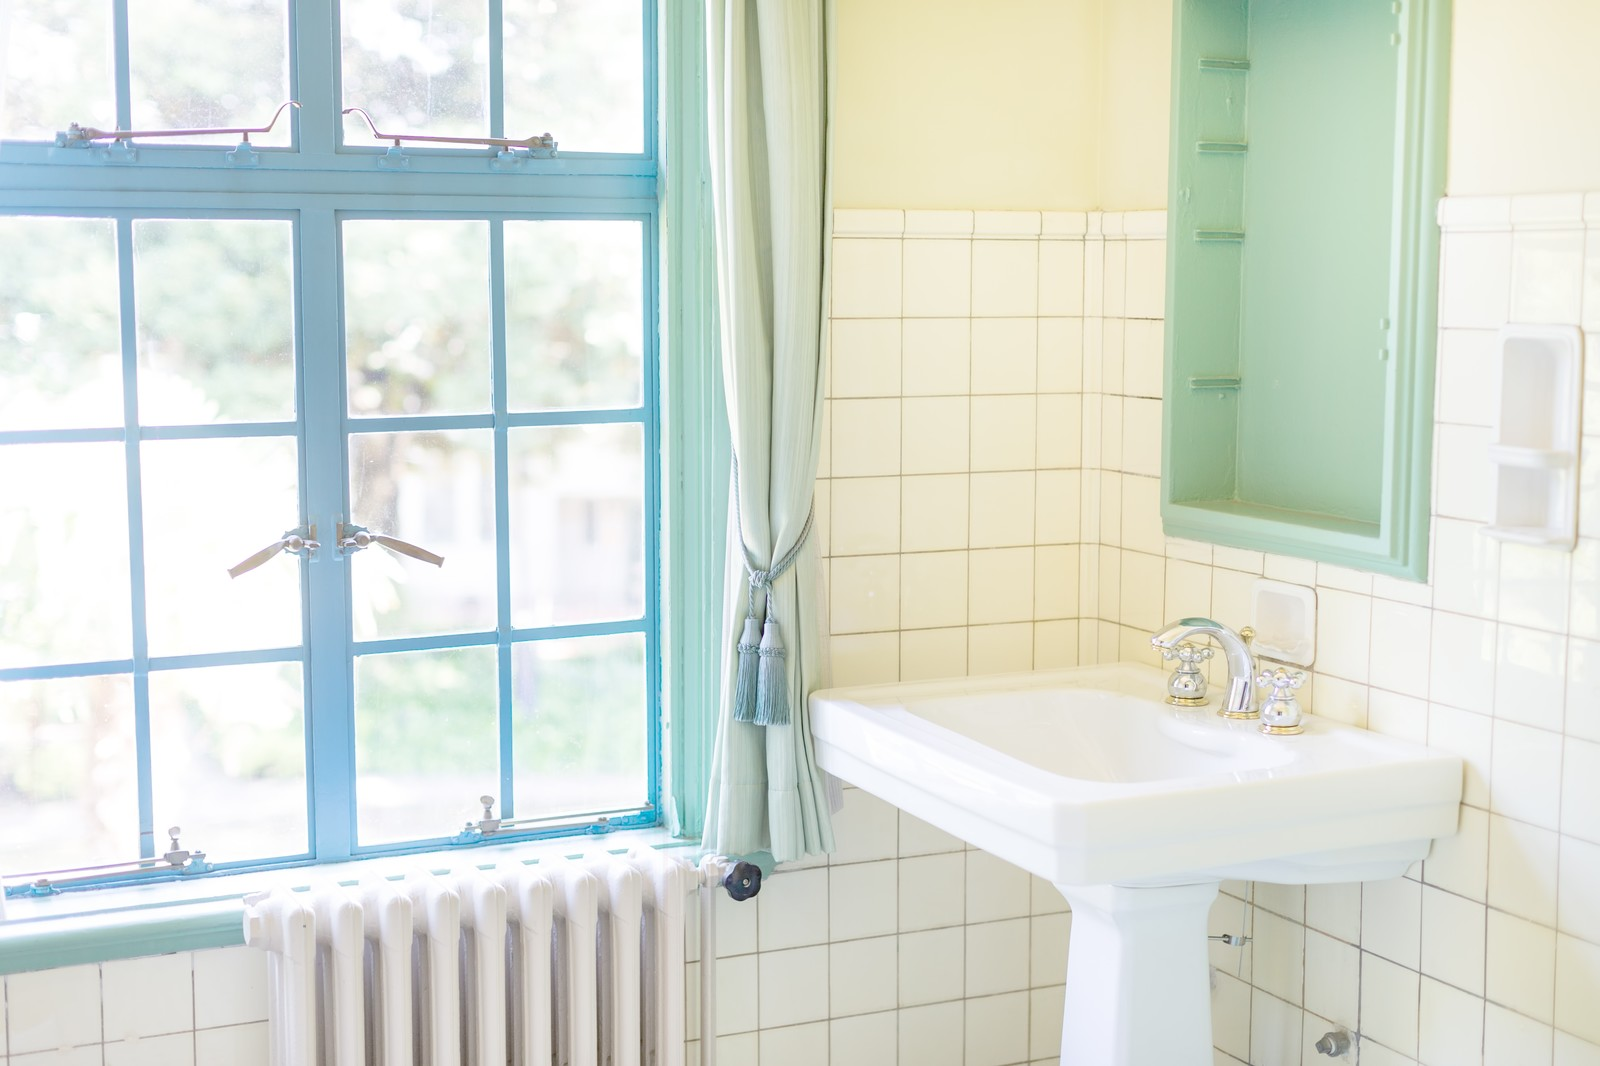 すっきりしたパステルカラーの洗面所